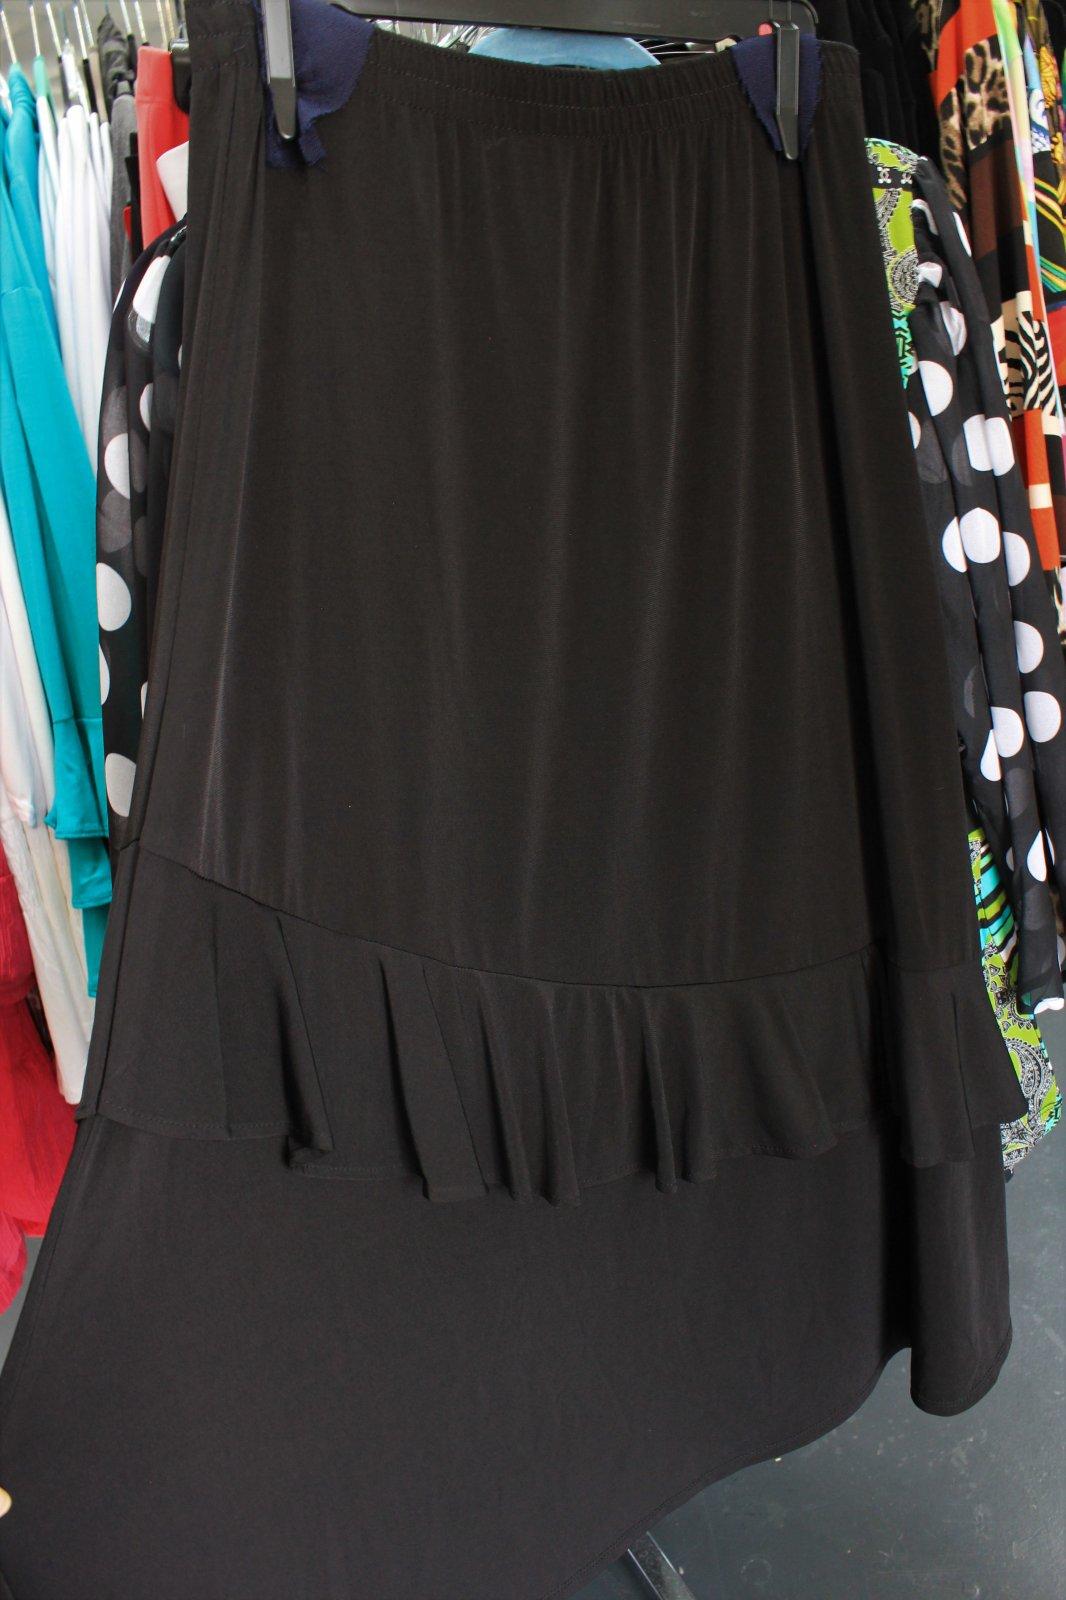 Southern Lady Black skirt w/ruffle